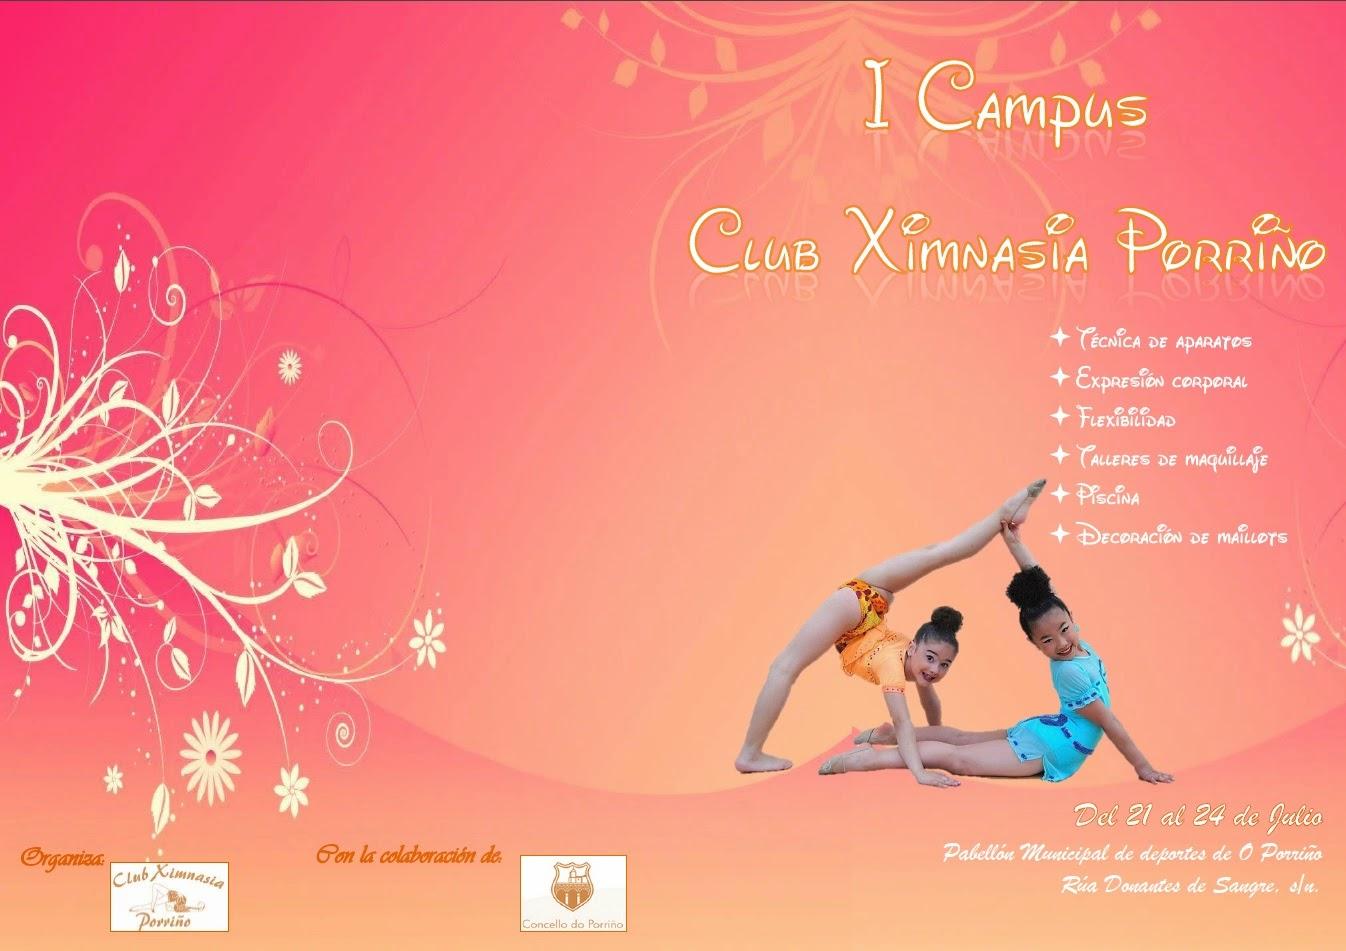 Inscripción I Campus Club Ximnasia Porriño